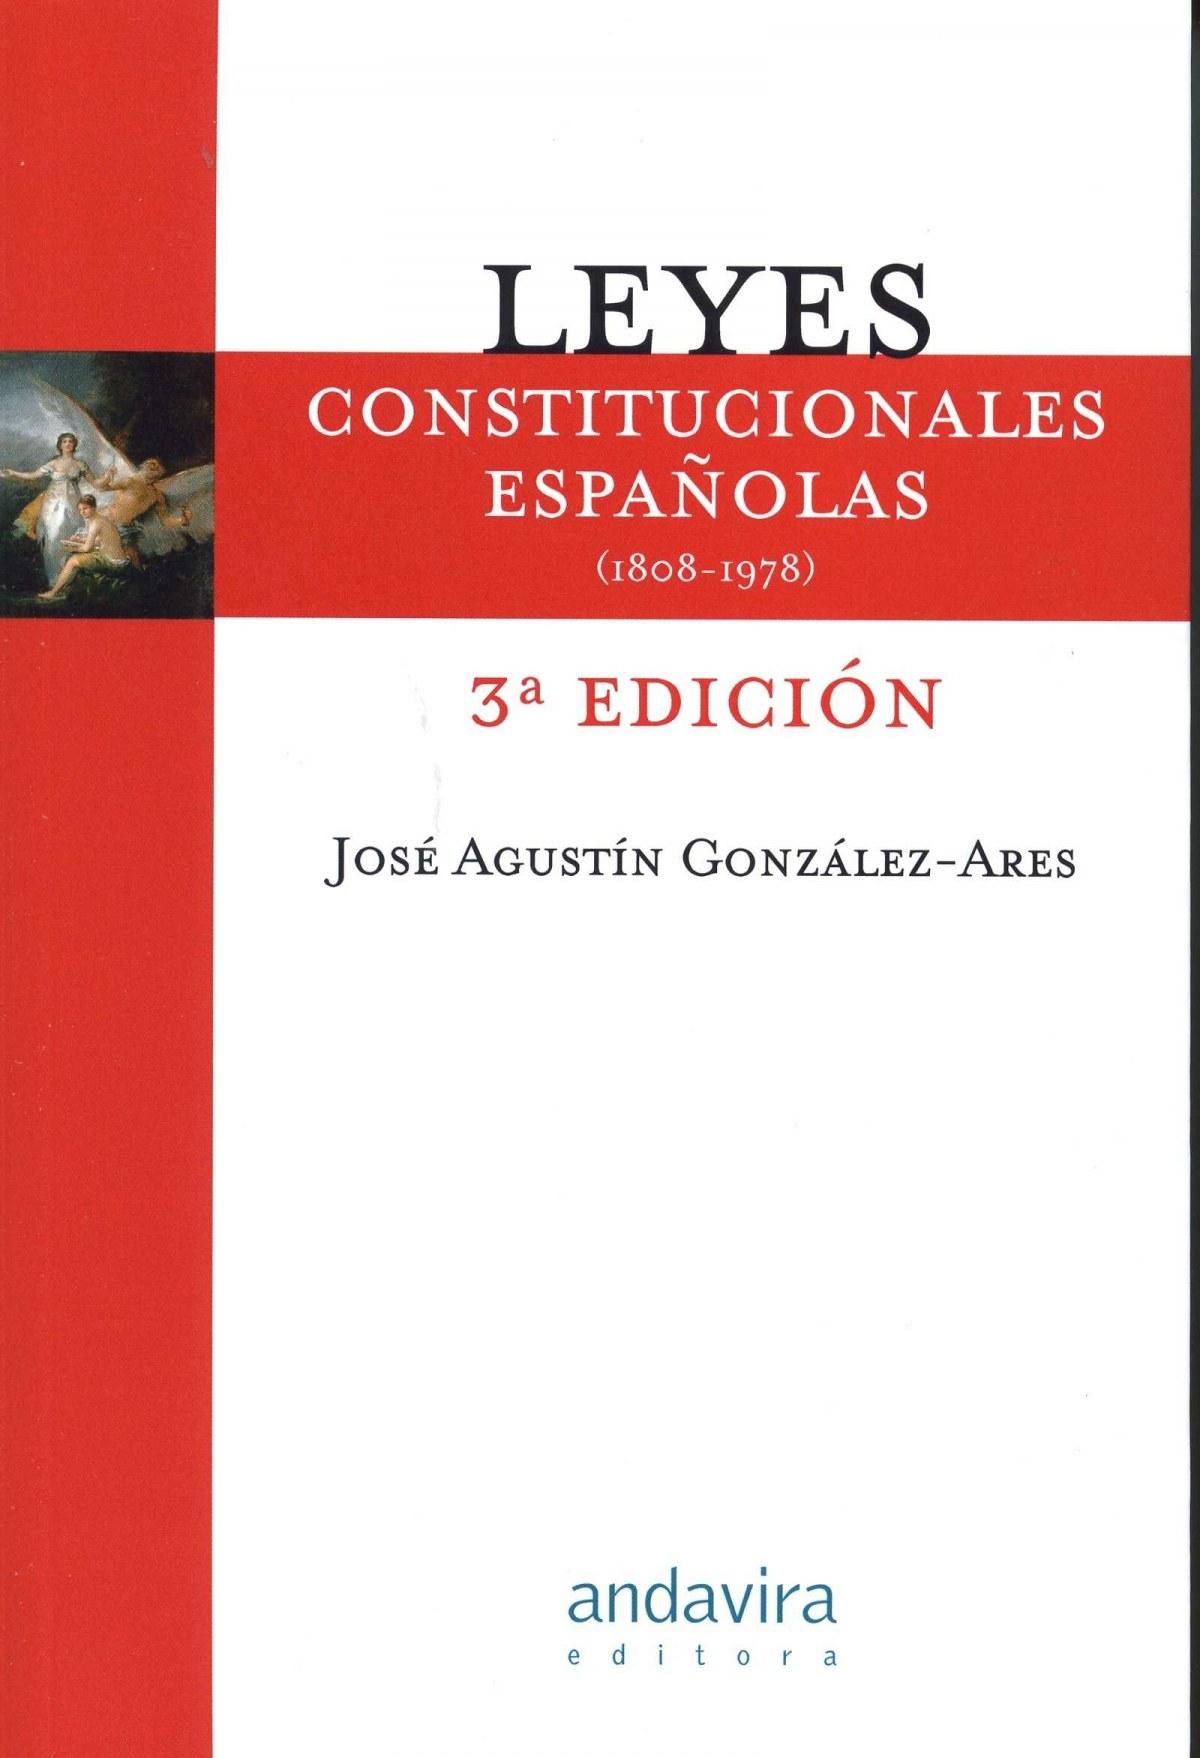 Leyes constitucionales espa¤olas:1808-1978